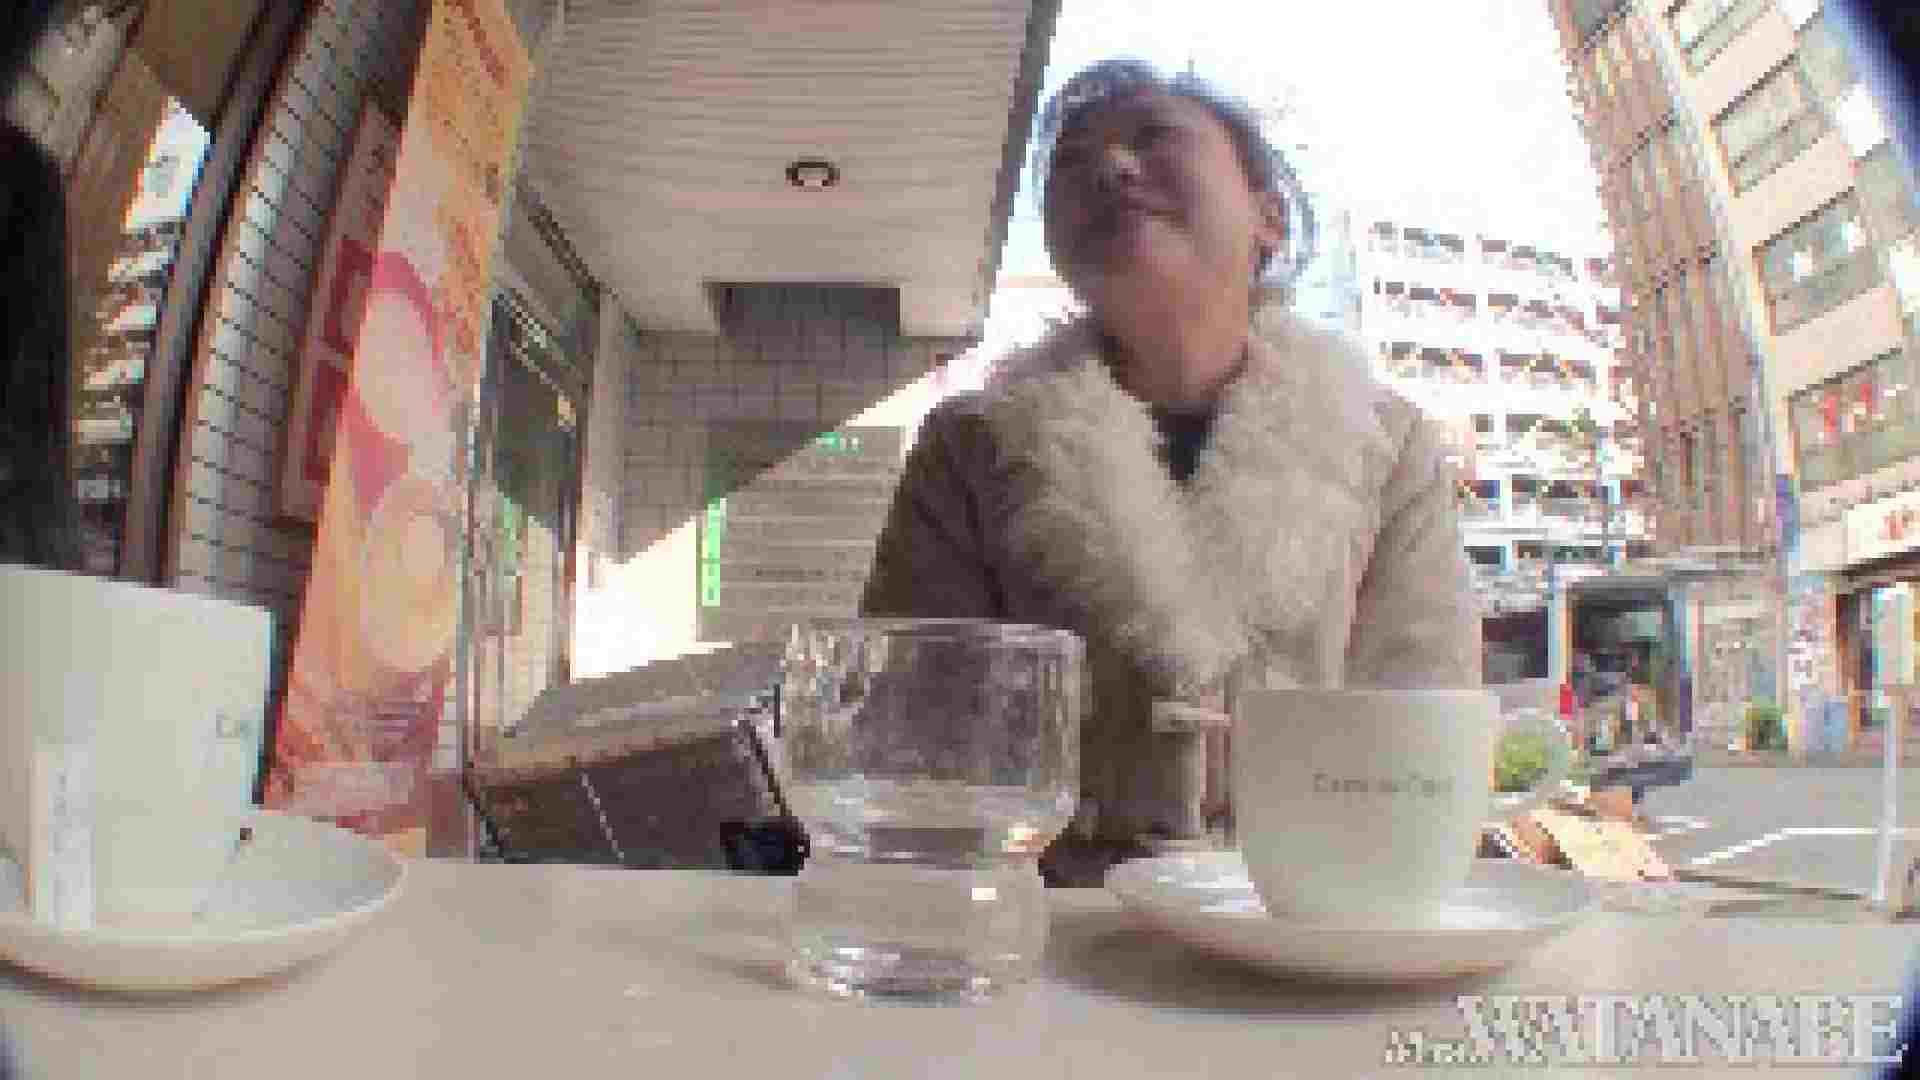 撮影スタッフを誘惑する痴熟女 かおり40歳 Vol.01 素人 | HなOL  67pic 20